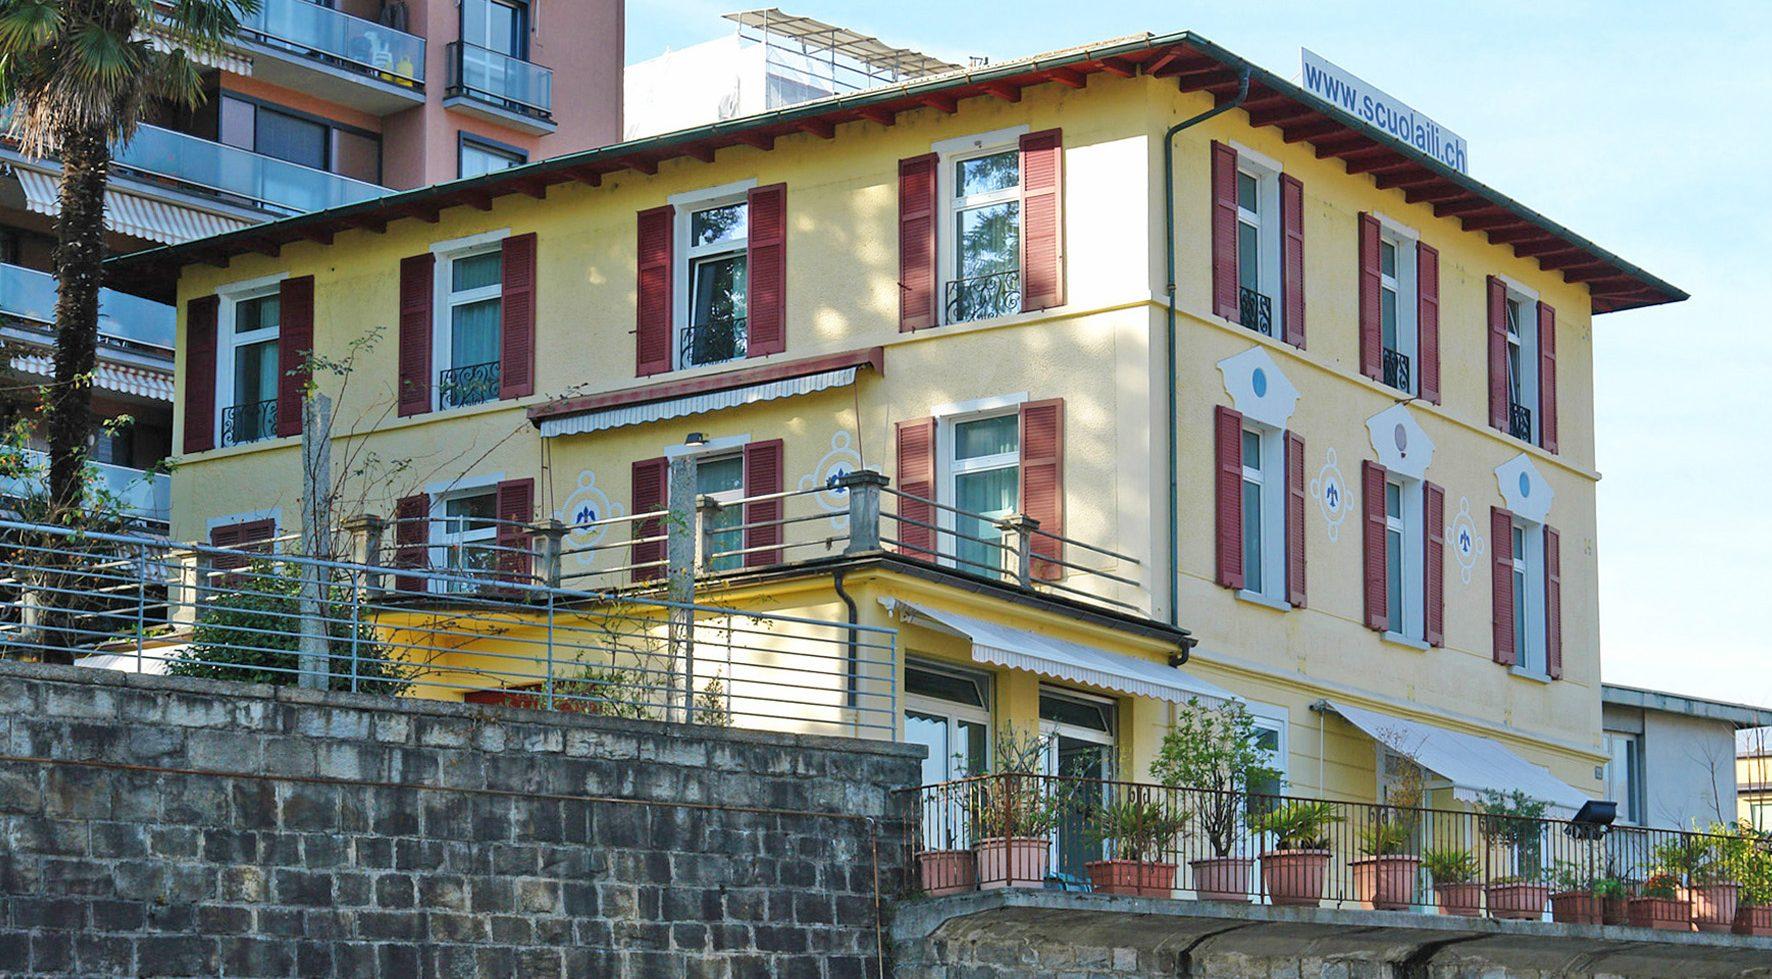 ILI school building